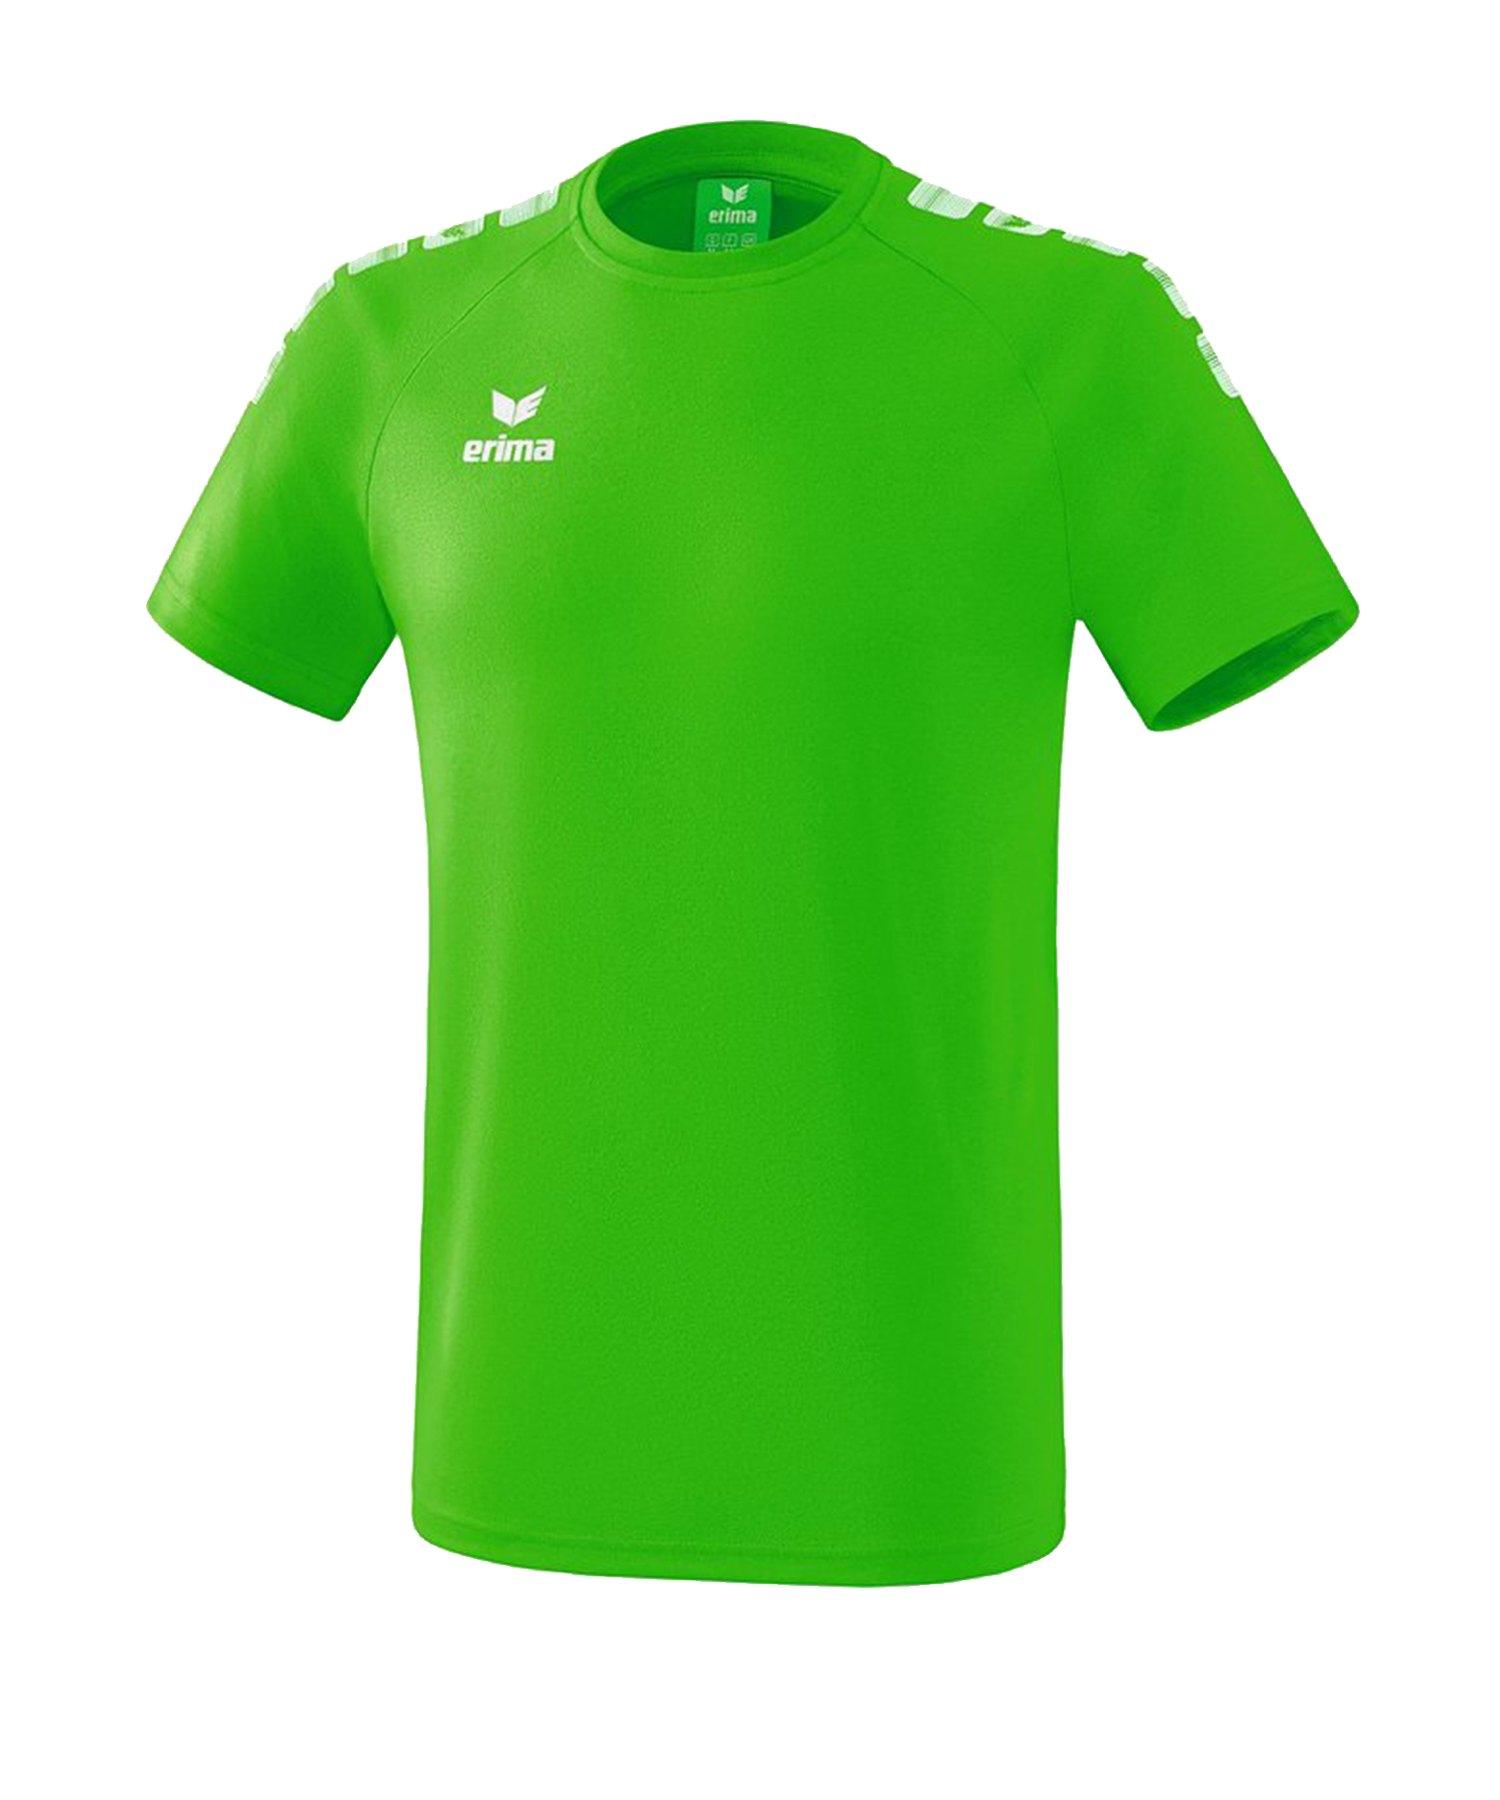 Erima Essential 5-C T-Shirt Kids Grün Weiss - Gruen